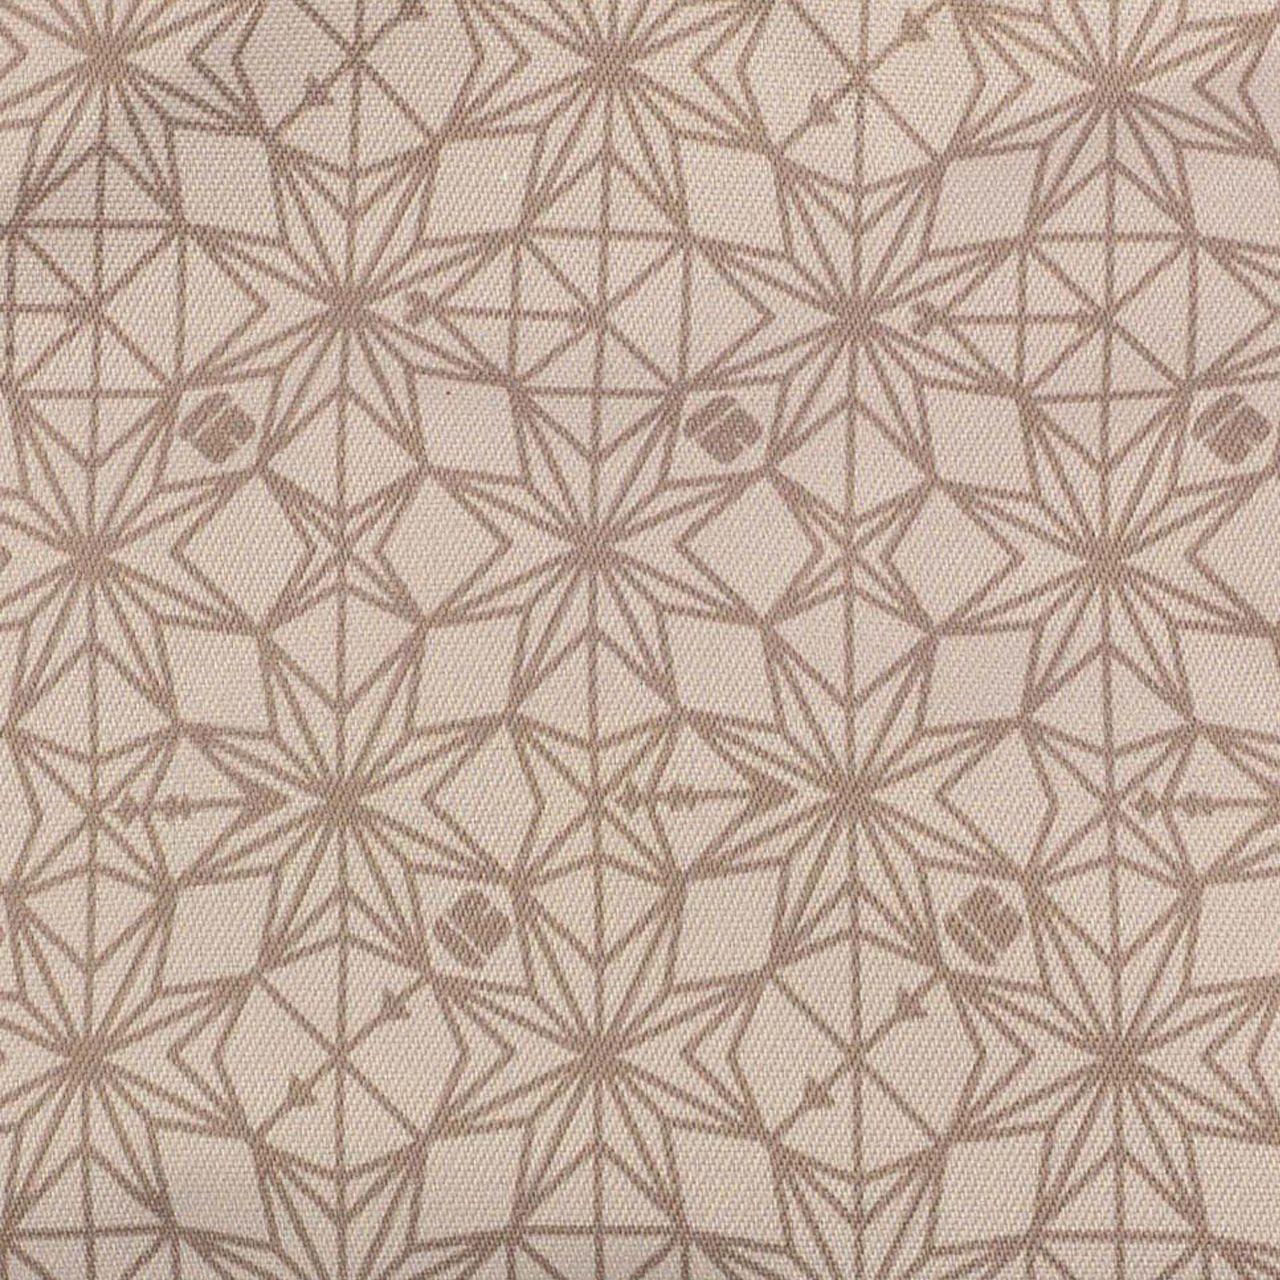 کیف رودوشی زنانه گابل مدل Olympia 539012  -  - 8